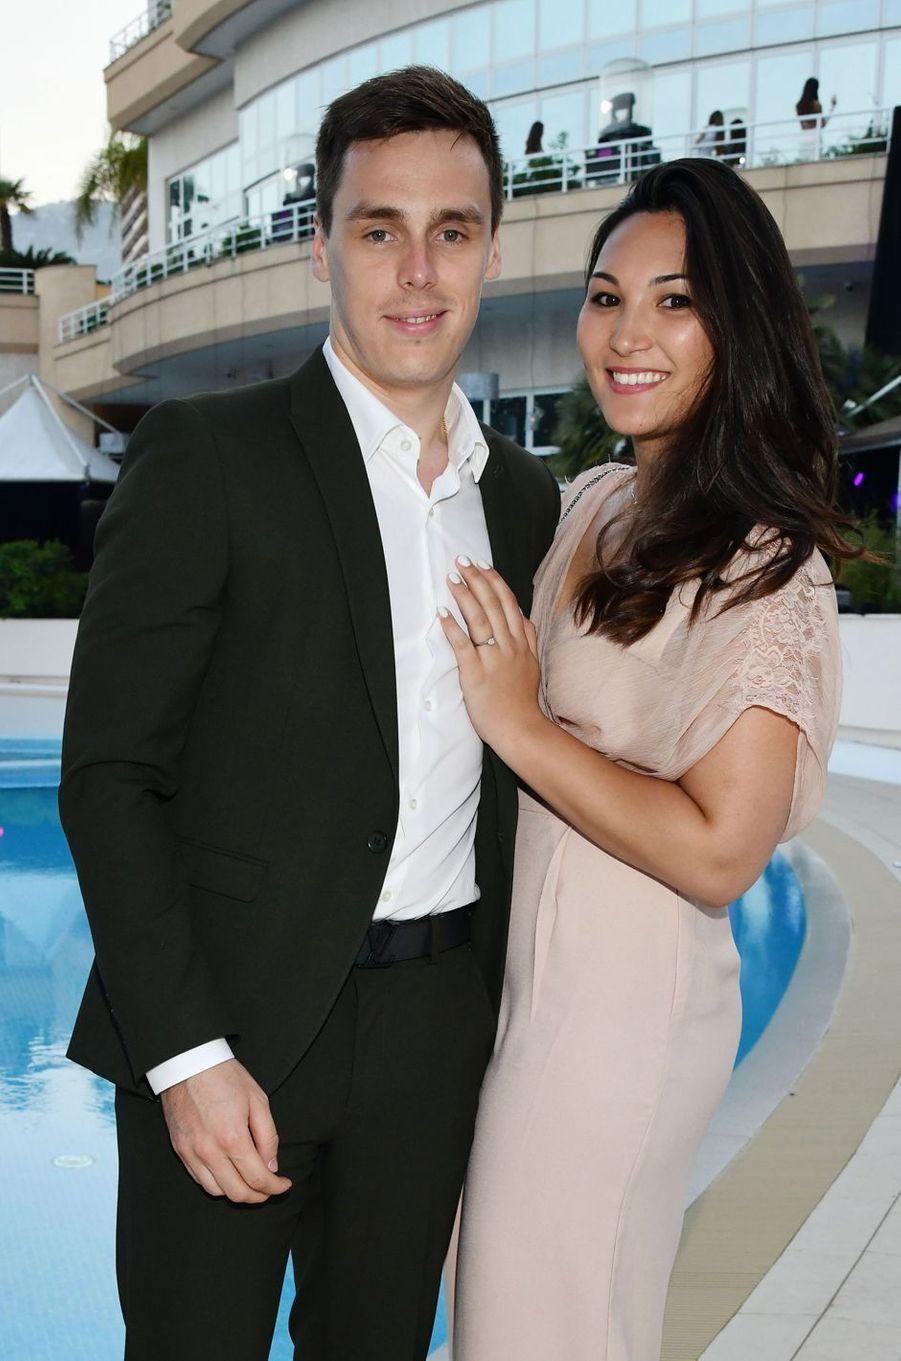 Louis Ducruet et sa fiancée Marie Chevallier à Monaco, le 25 mai 2018